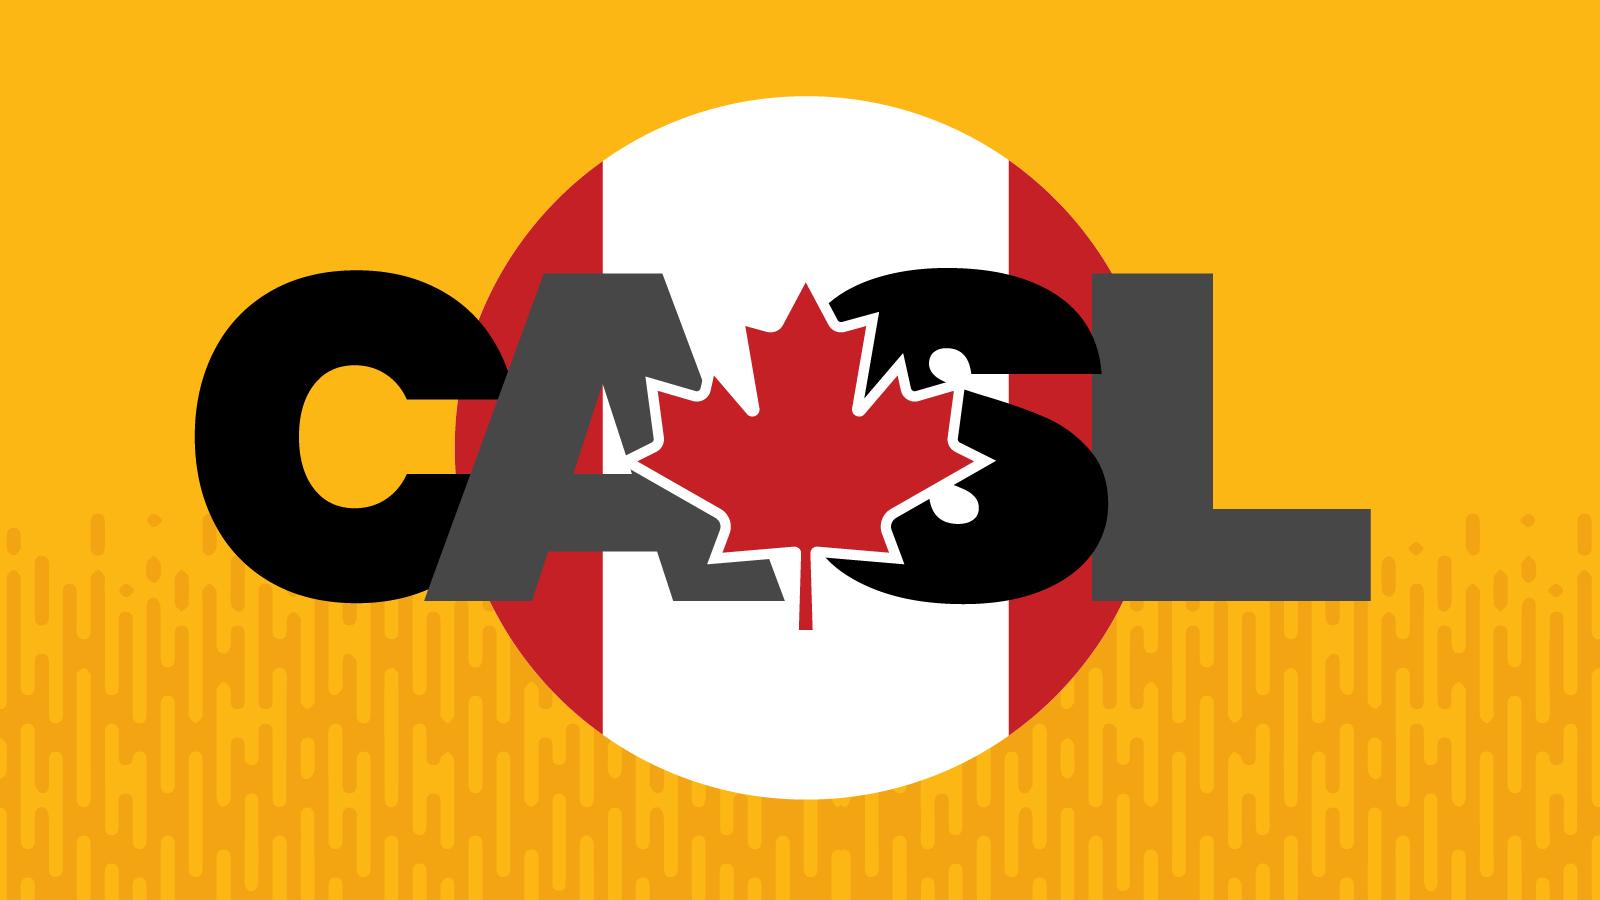 CASL over Canadian flag emblem with maple leaf